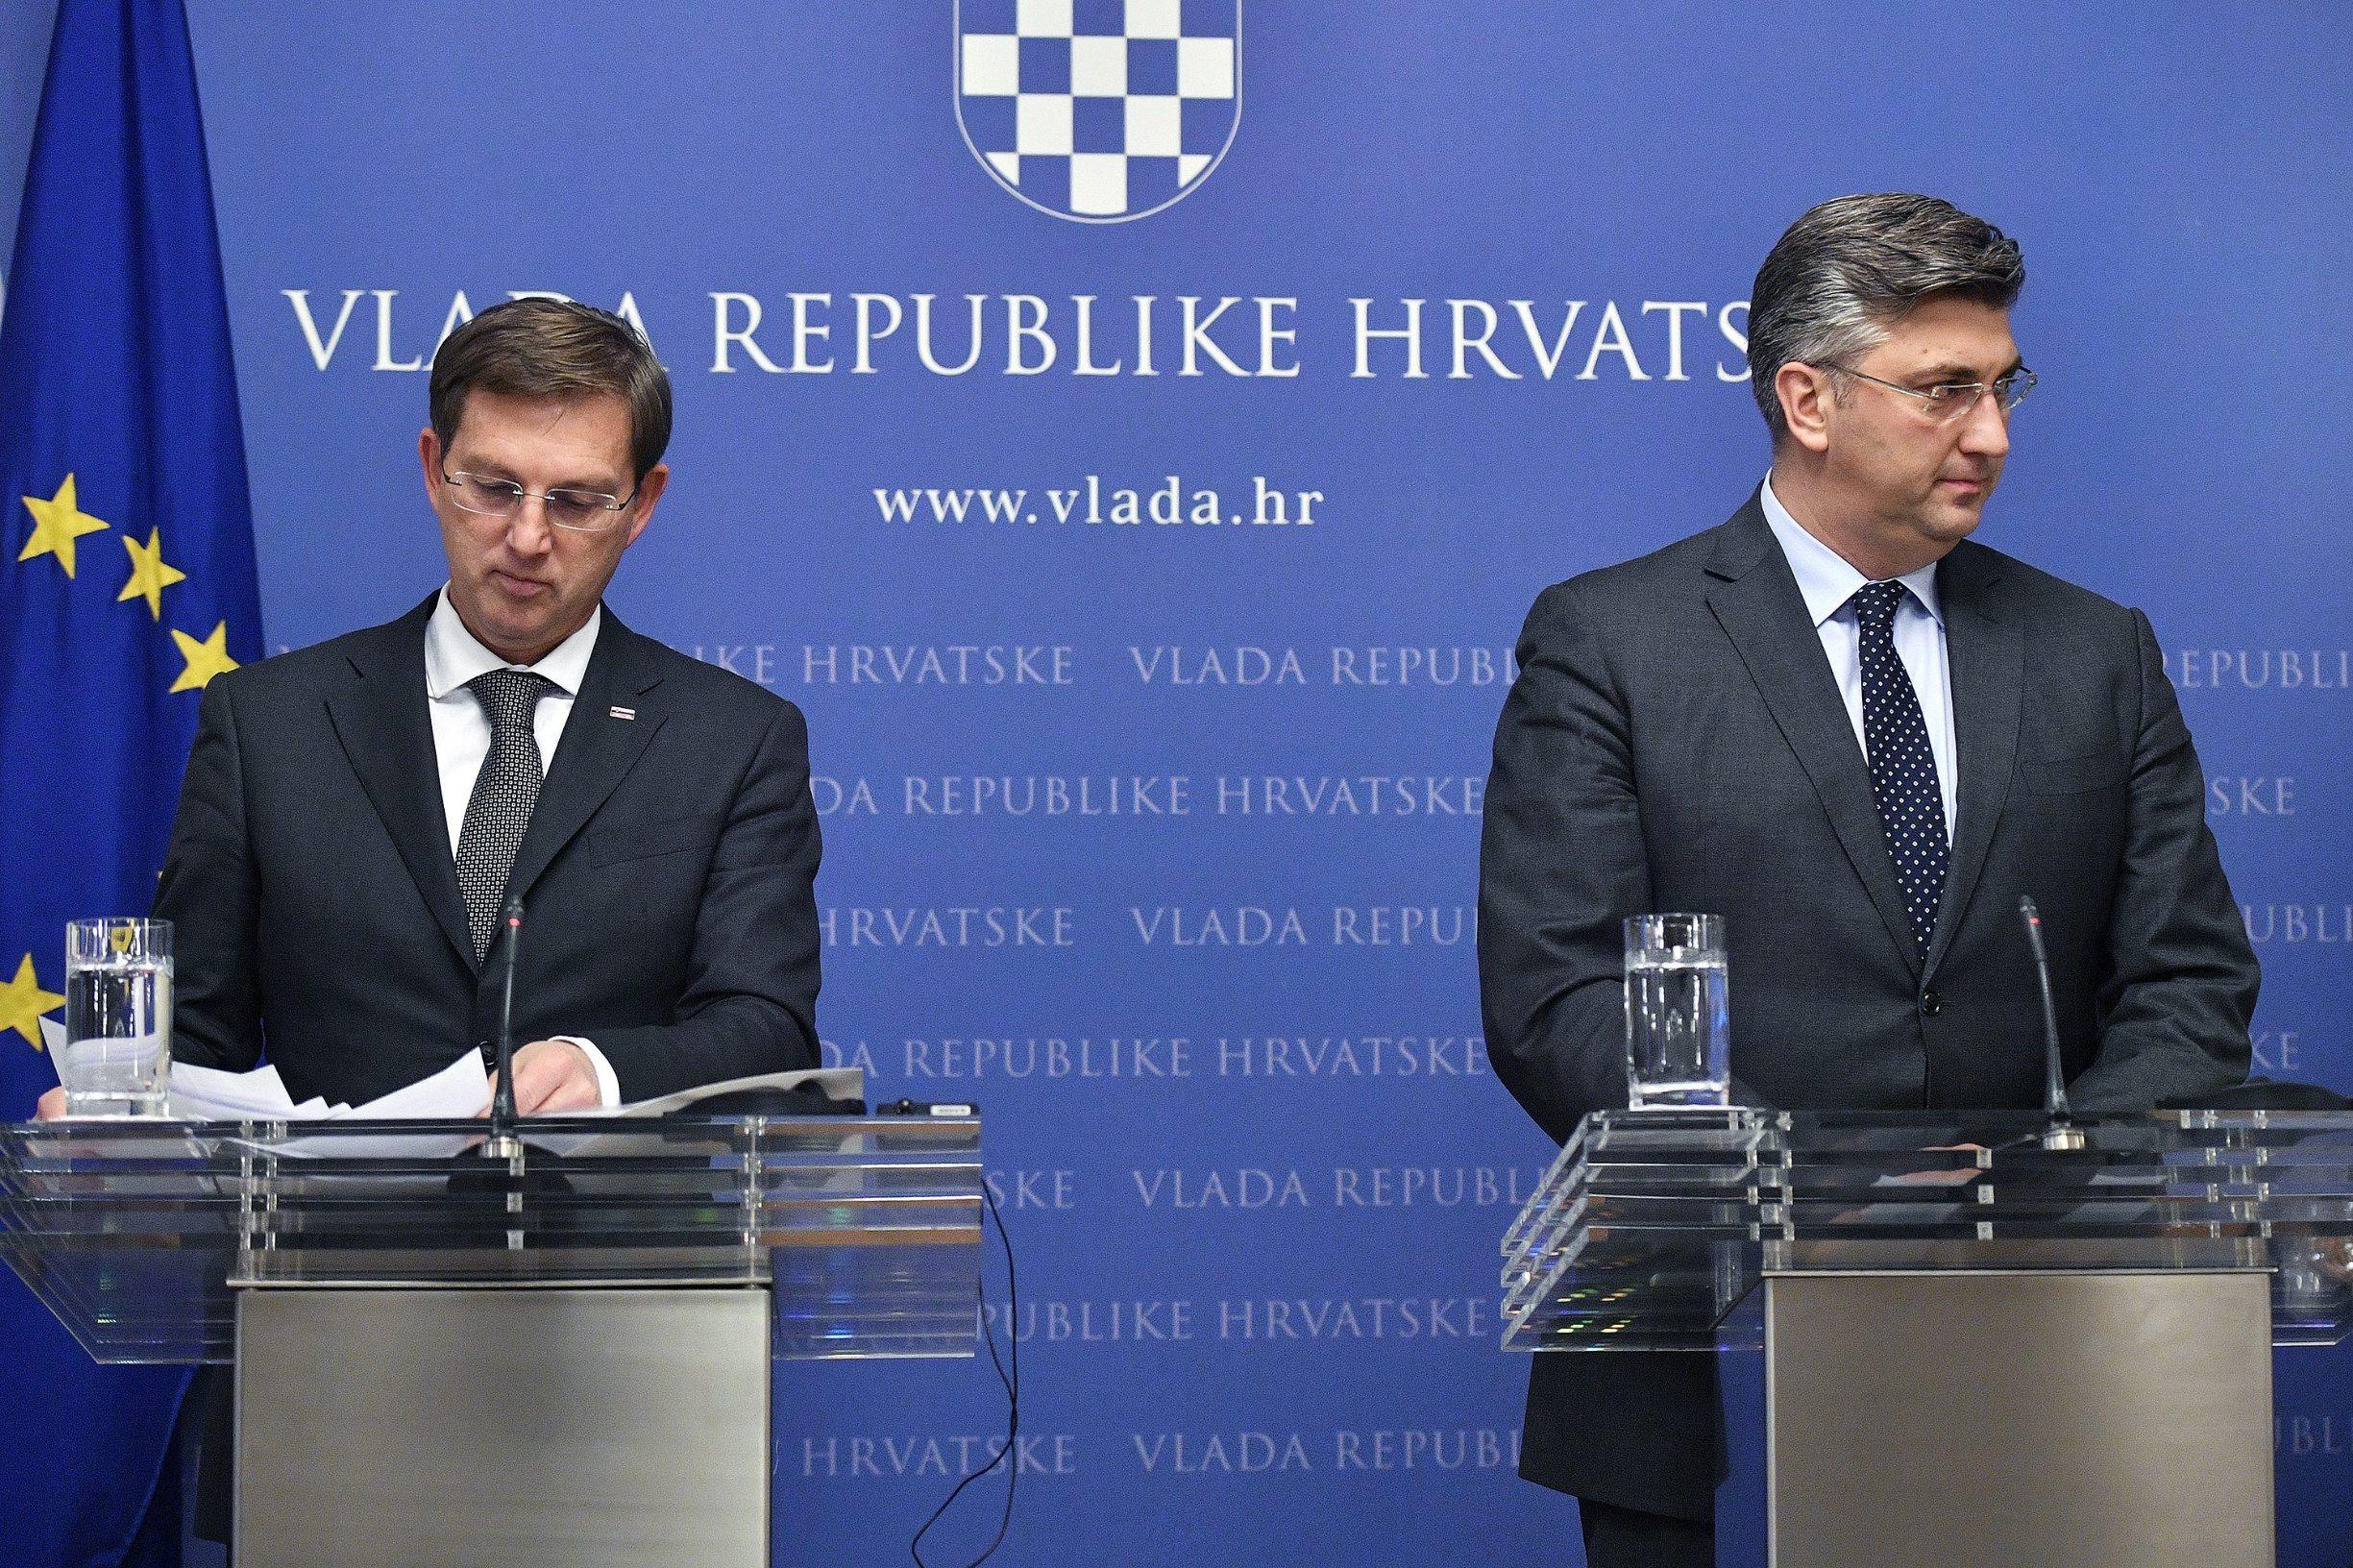 Tadašnji slovenski premijer Miro Cerar, sada ministar vanjskih poslova, na sastanku s hrvatskim premijerom Andrejem Plenkovićem 2017. godine